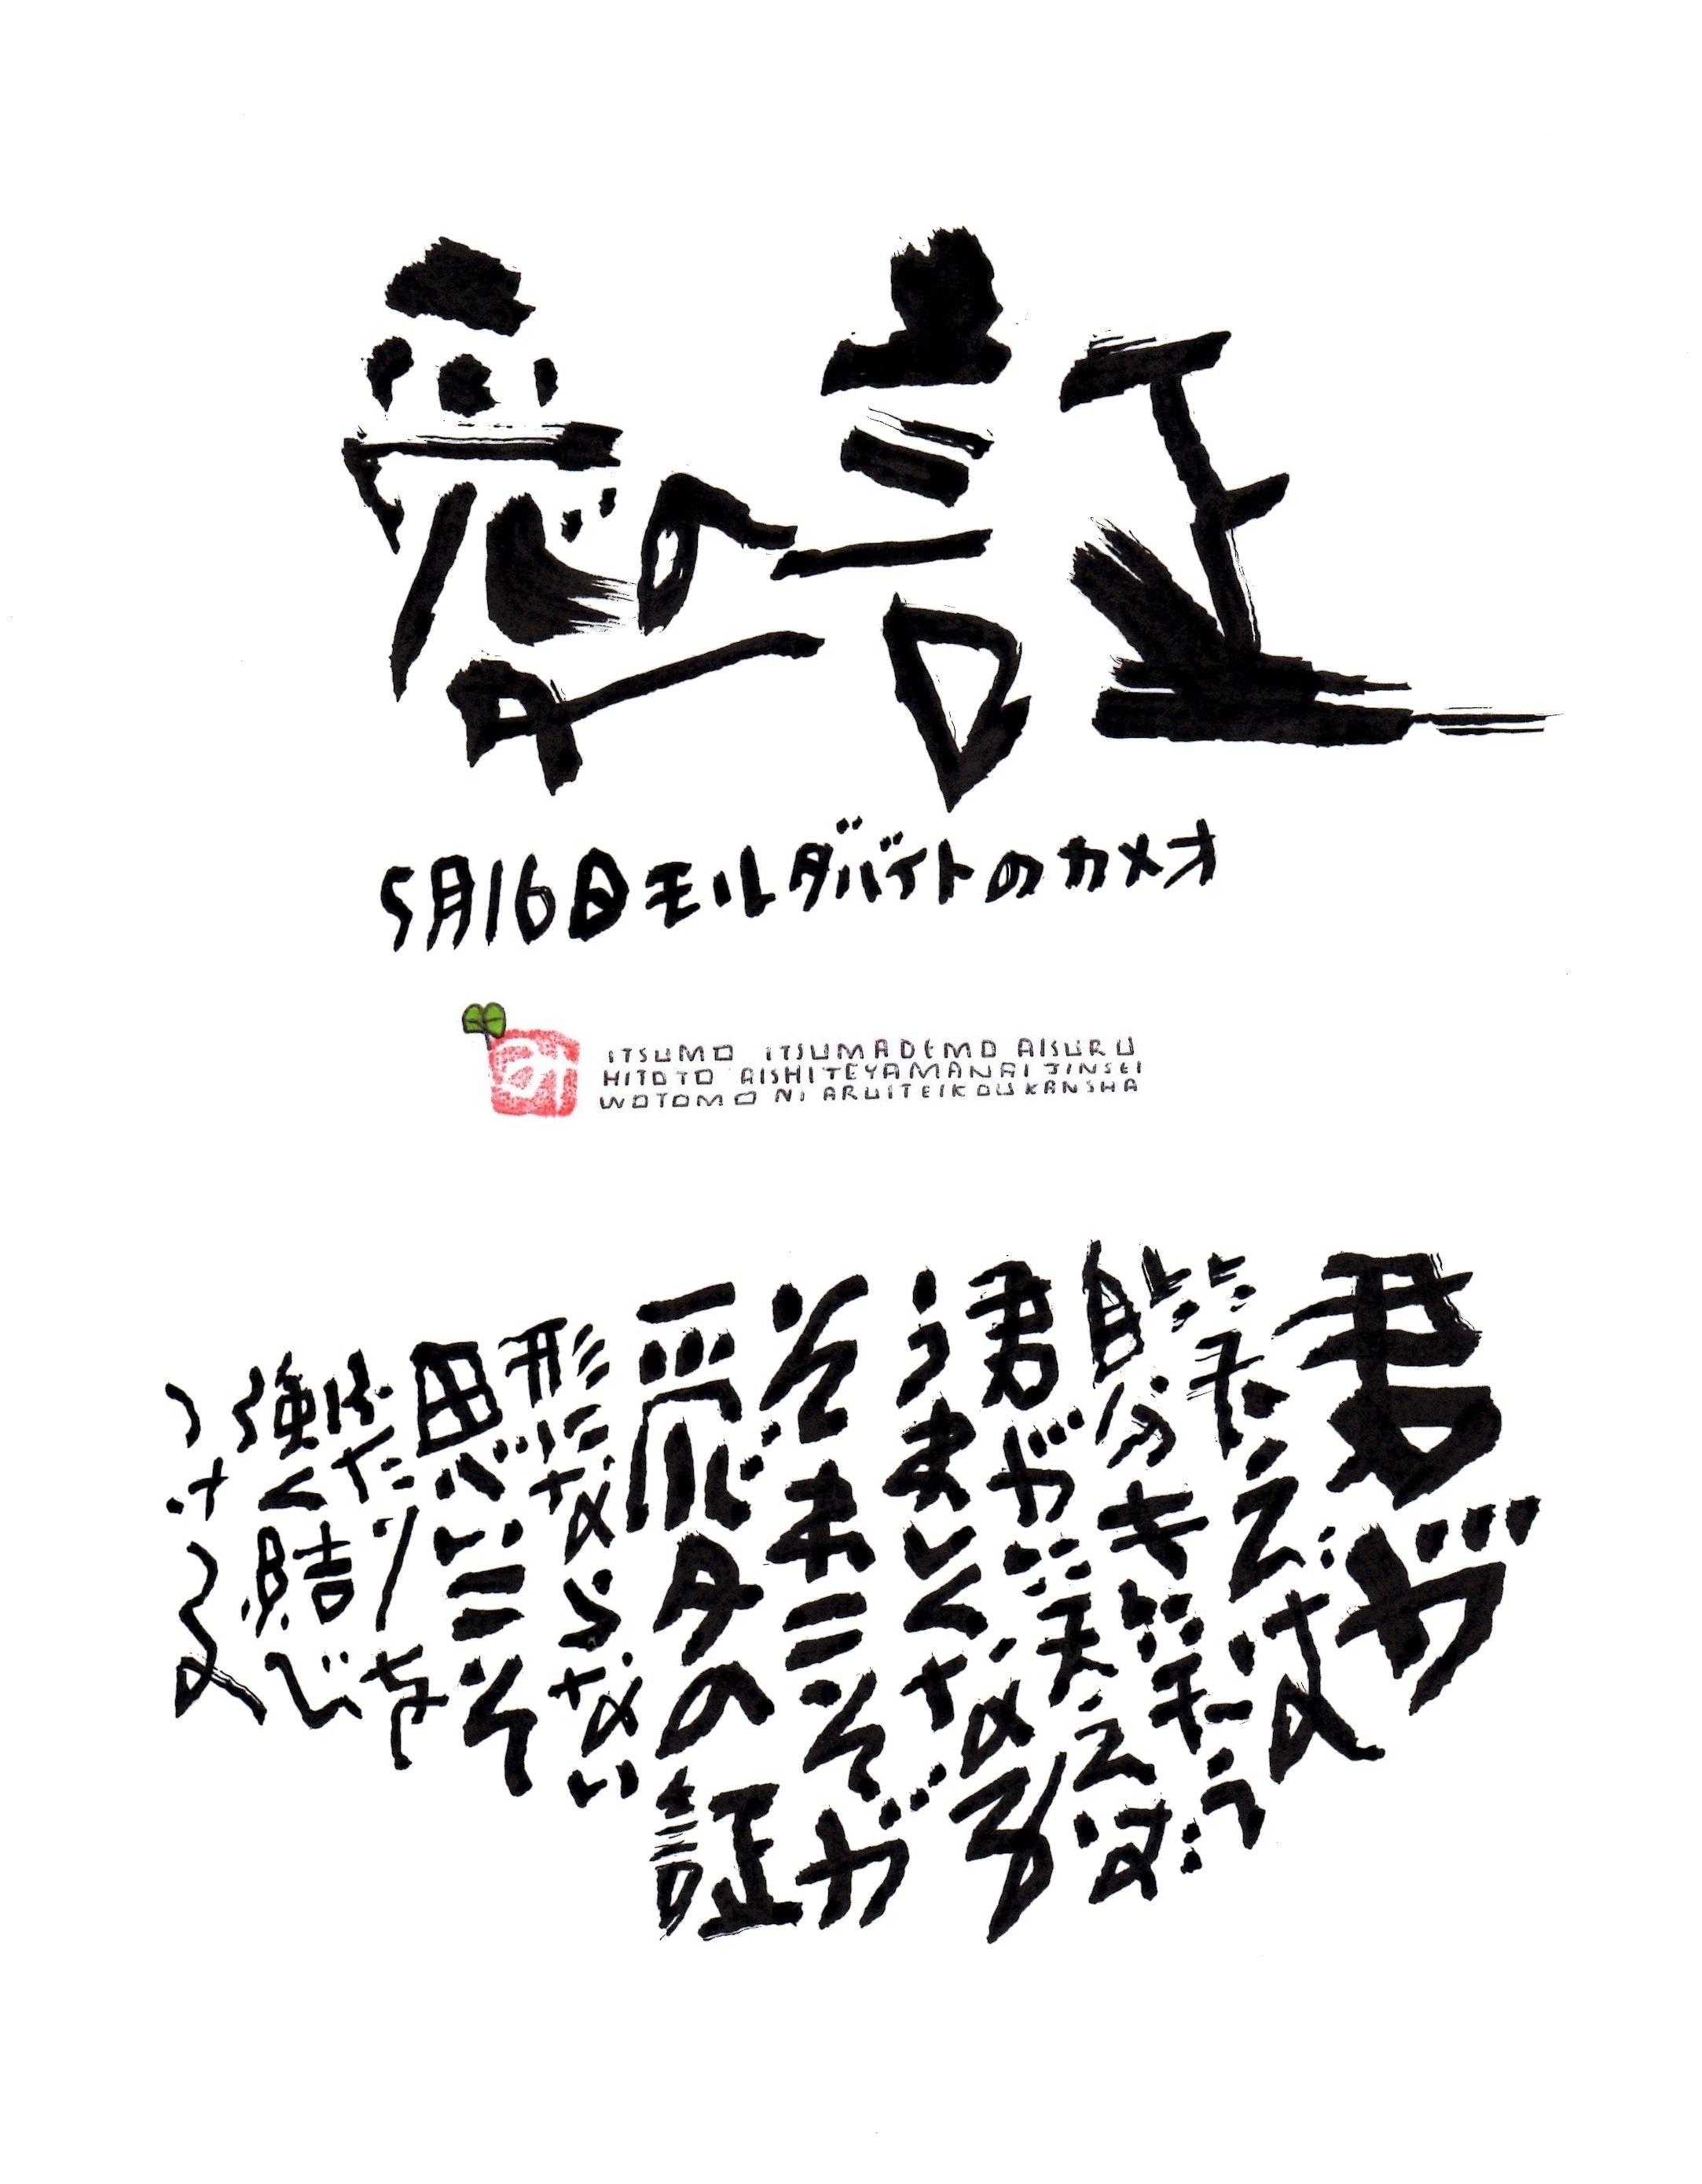 5月16日 結婚記念日ポストカード【愛の証】